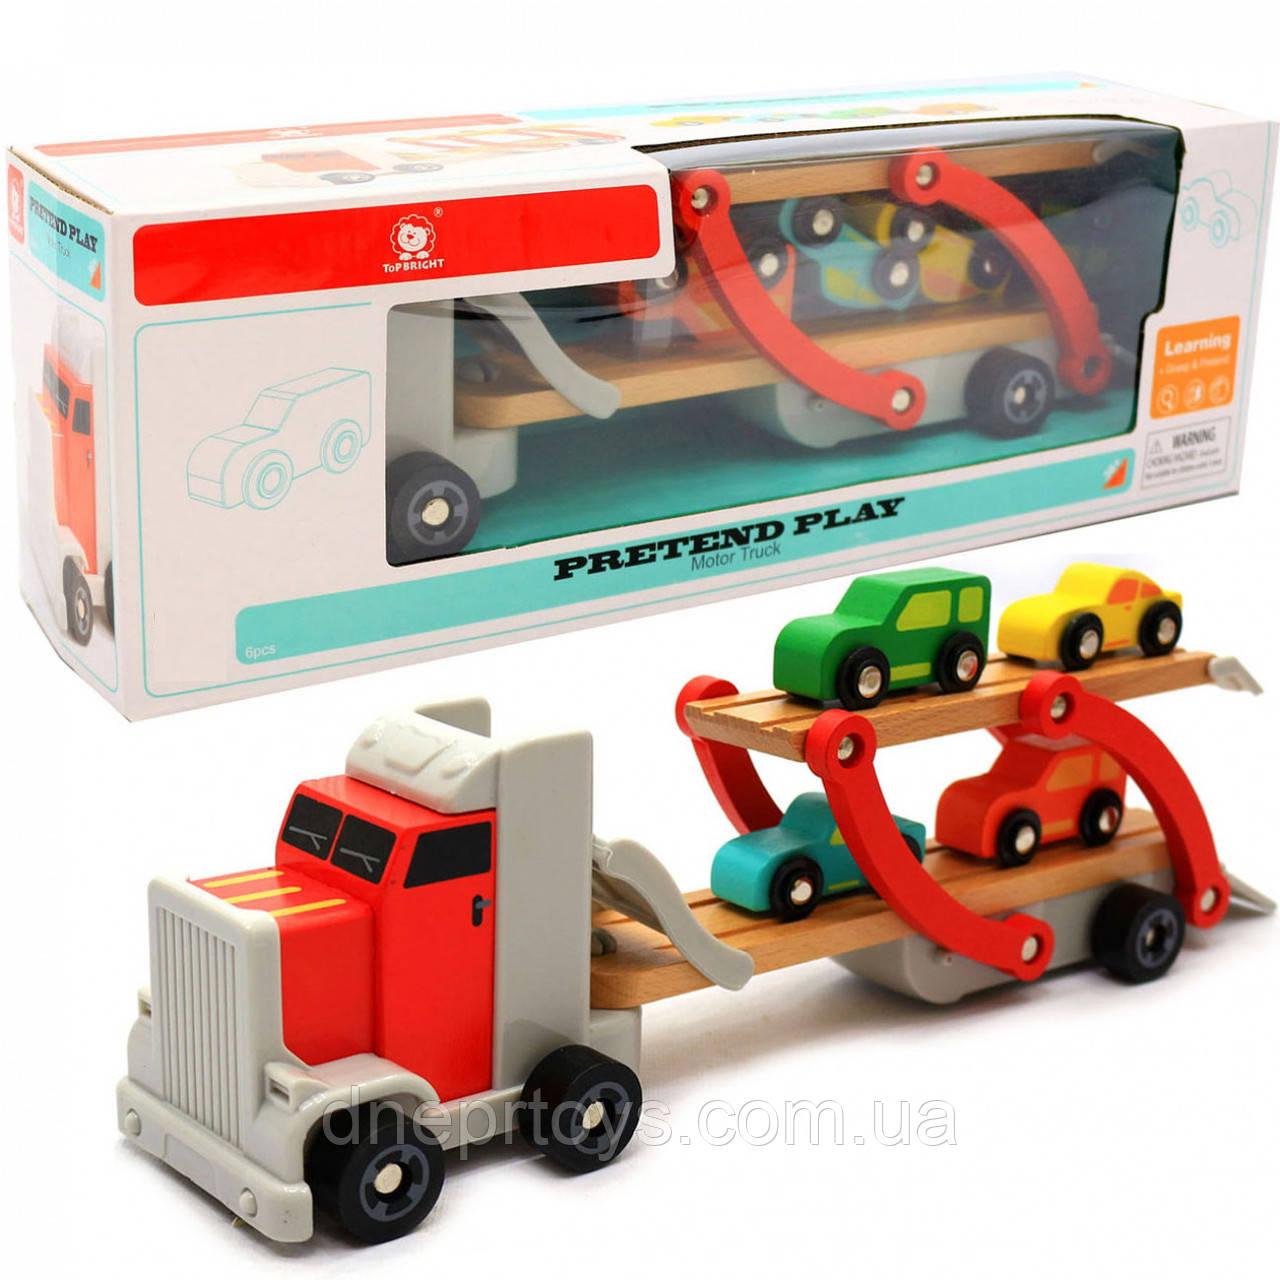 Дерев'яна іграшка Автовоз Top Bright перевізник 40х8х12 см (трейлер, 4 машинки) 120327